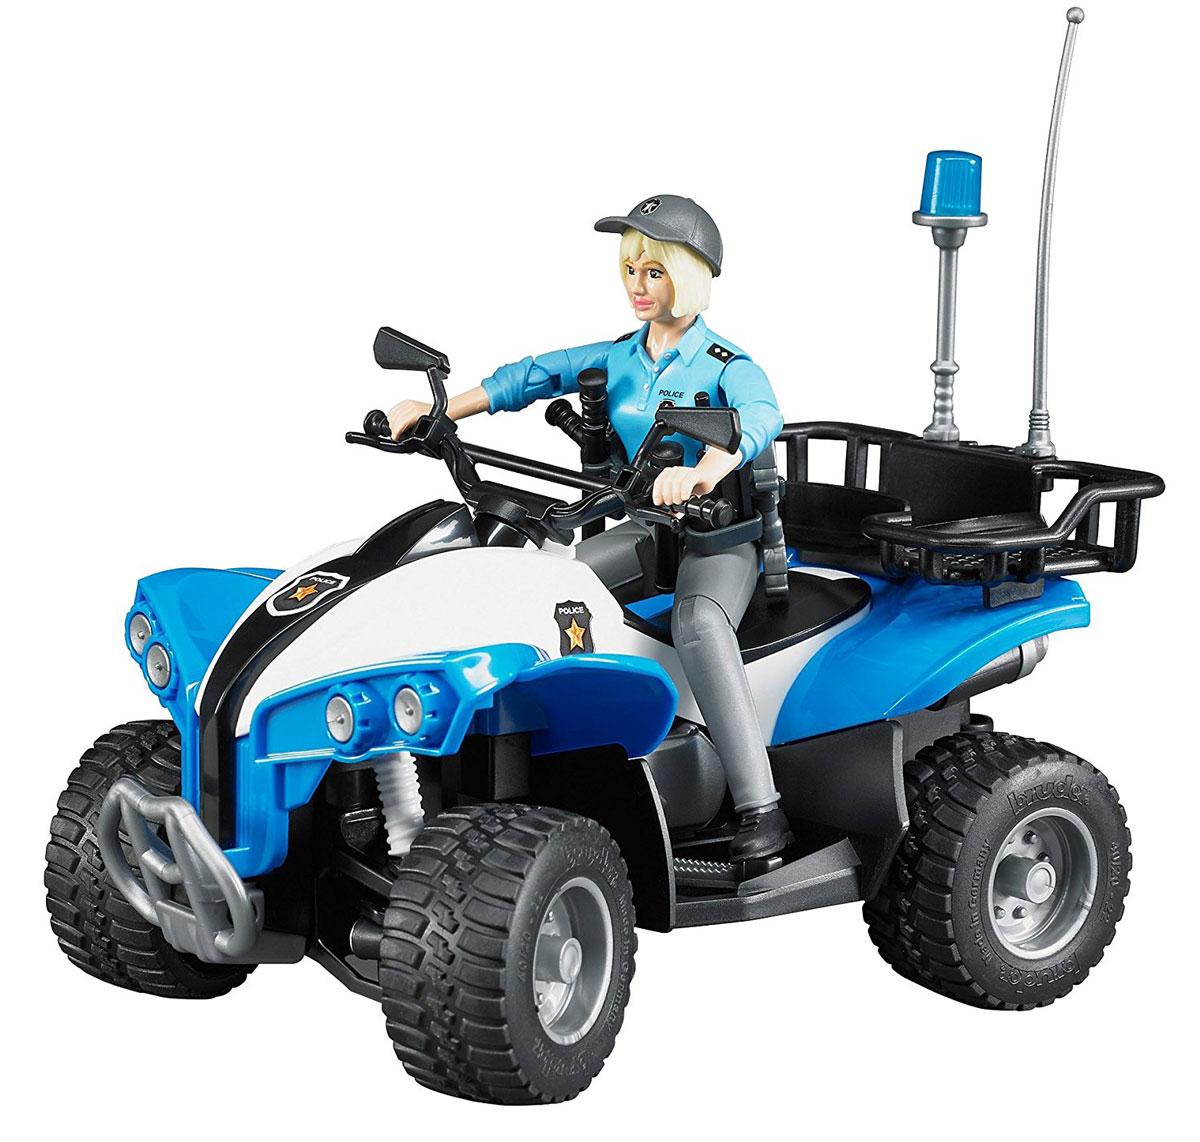 Bruder Полицейский квадроцикл с фигуркой амортизатор зид пилот передний